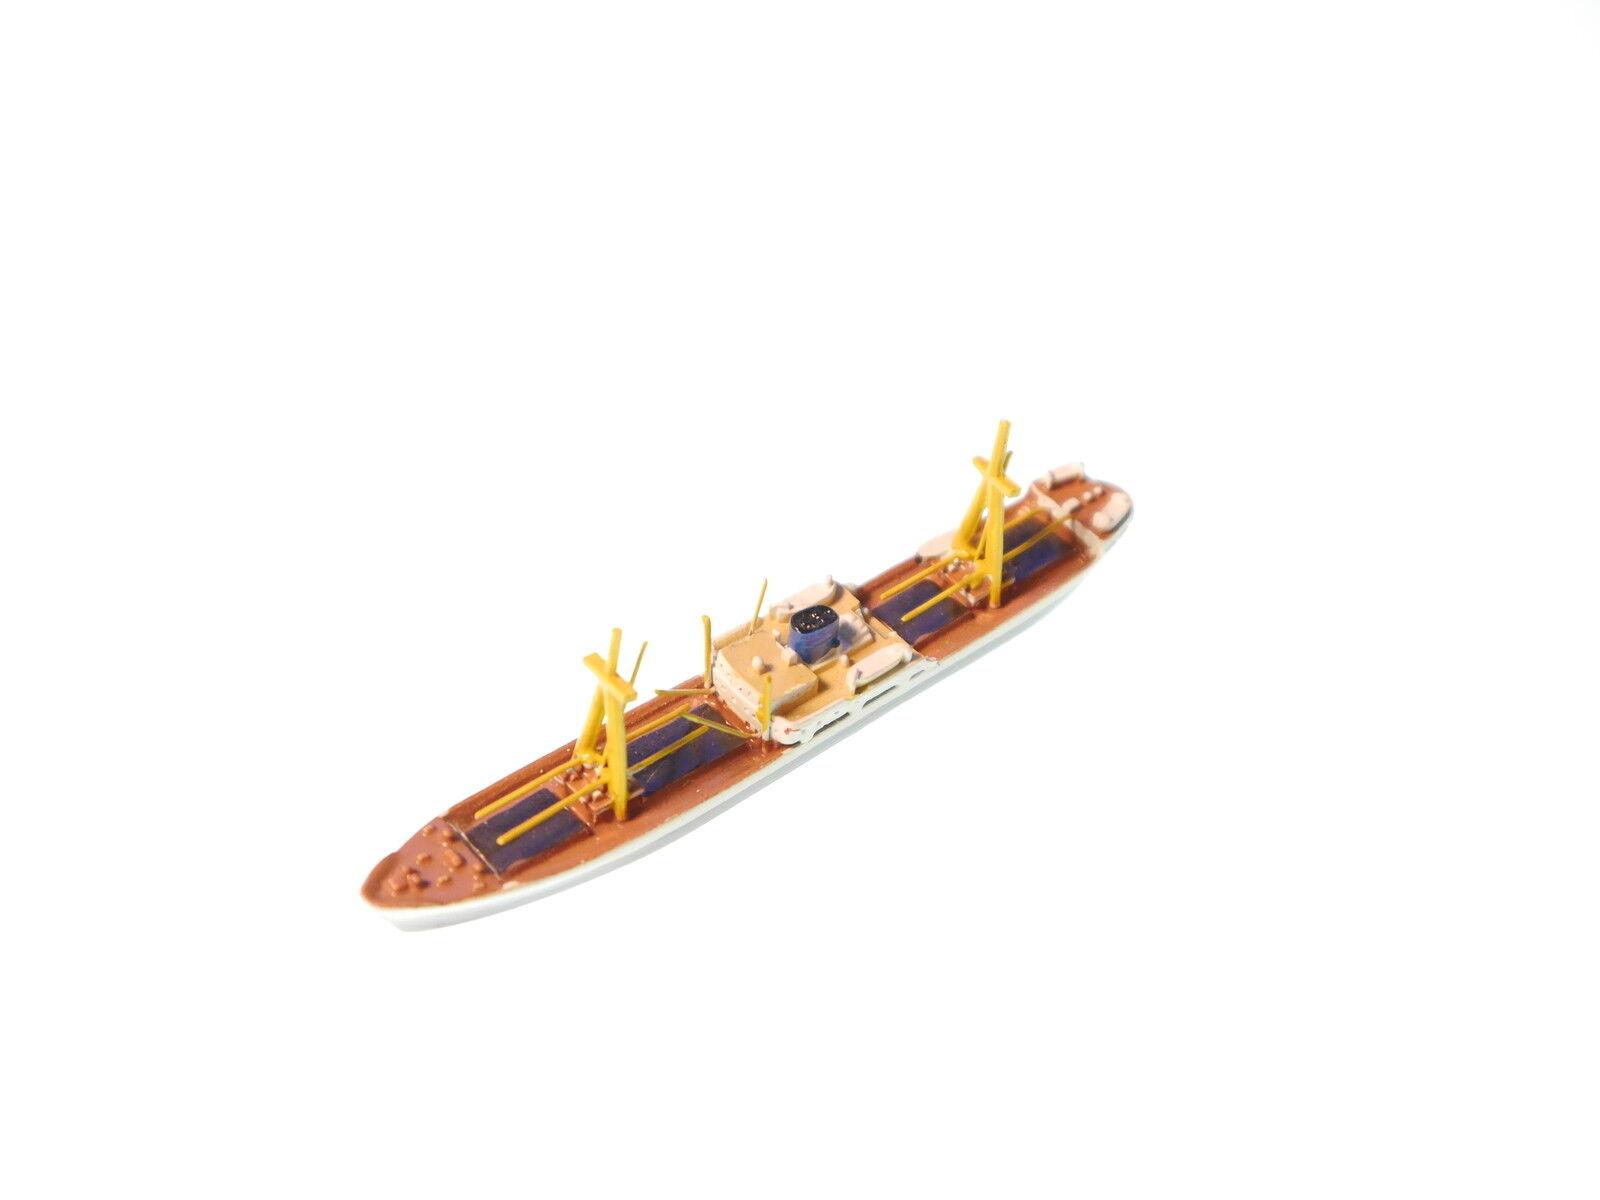 Freighter vessel carguero stubbenhuk stubbenhuk stubbenhuk (alemania 1935), hansa s 35 1 1250  666327